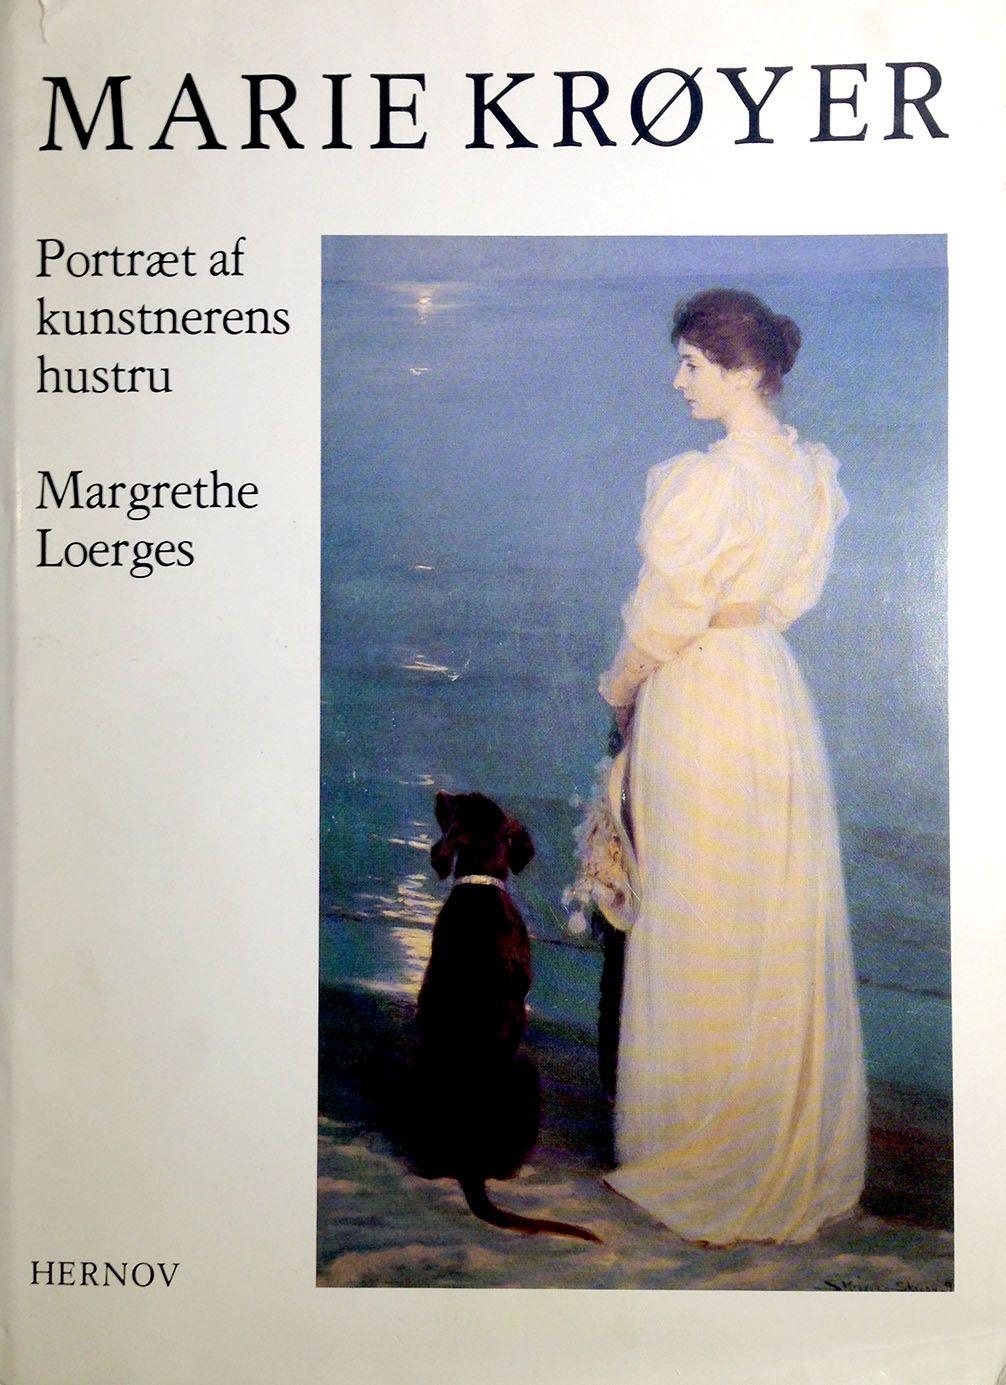 Portræt af kunstnerens hustru - Margrethe Loerges